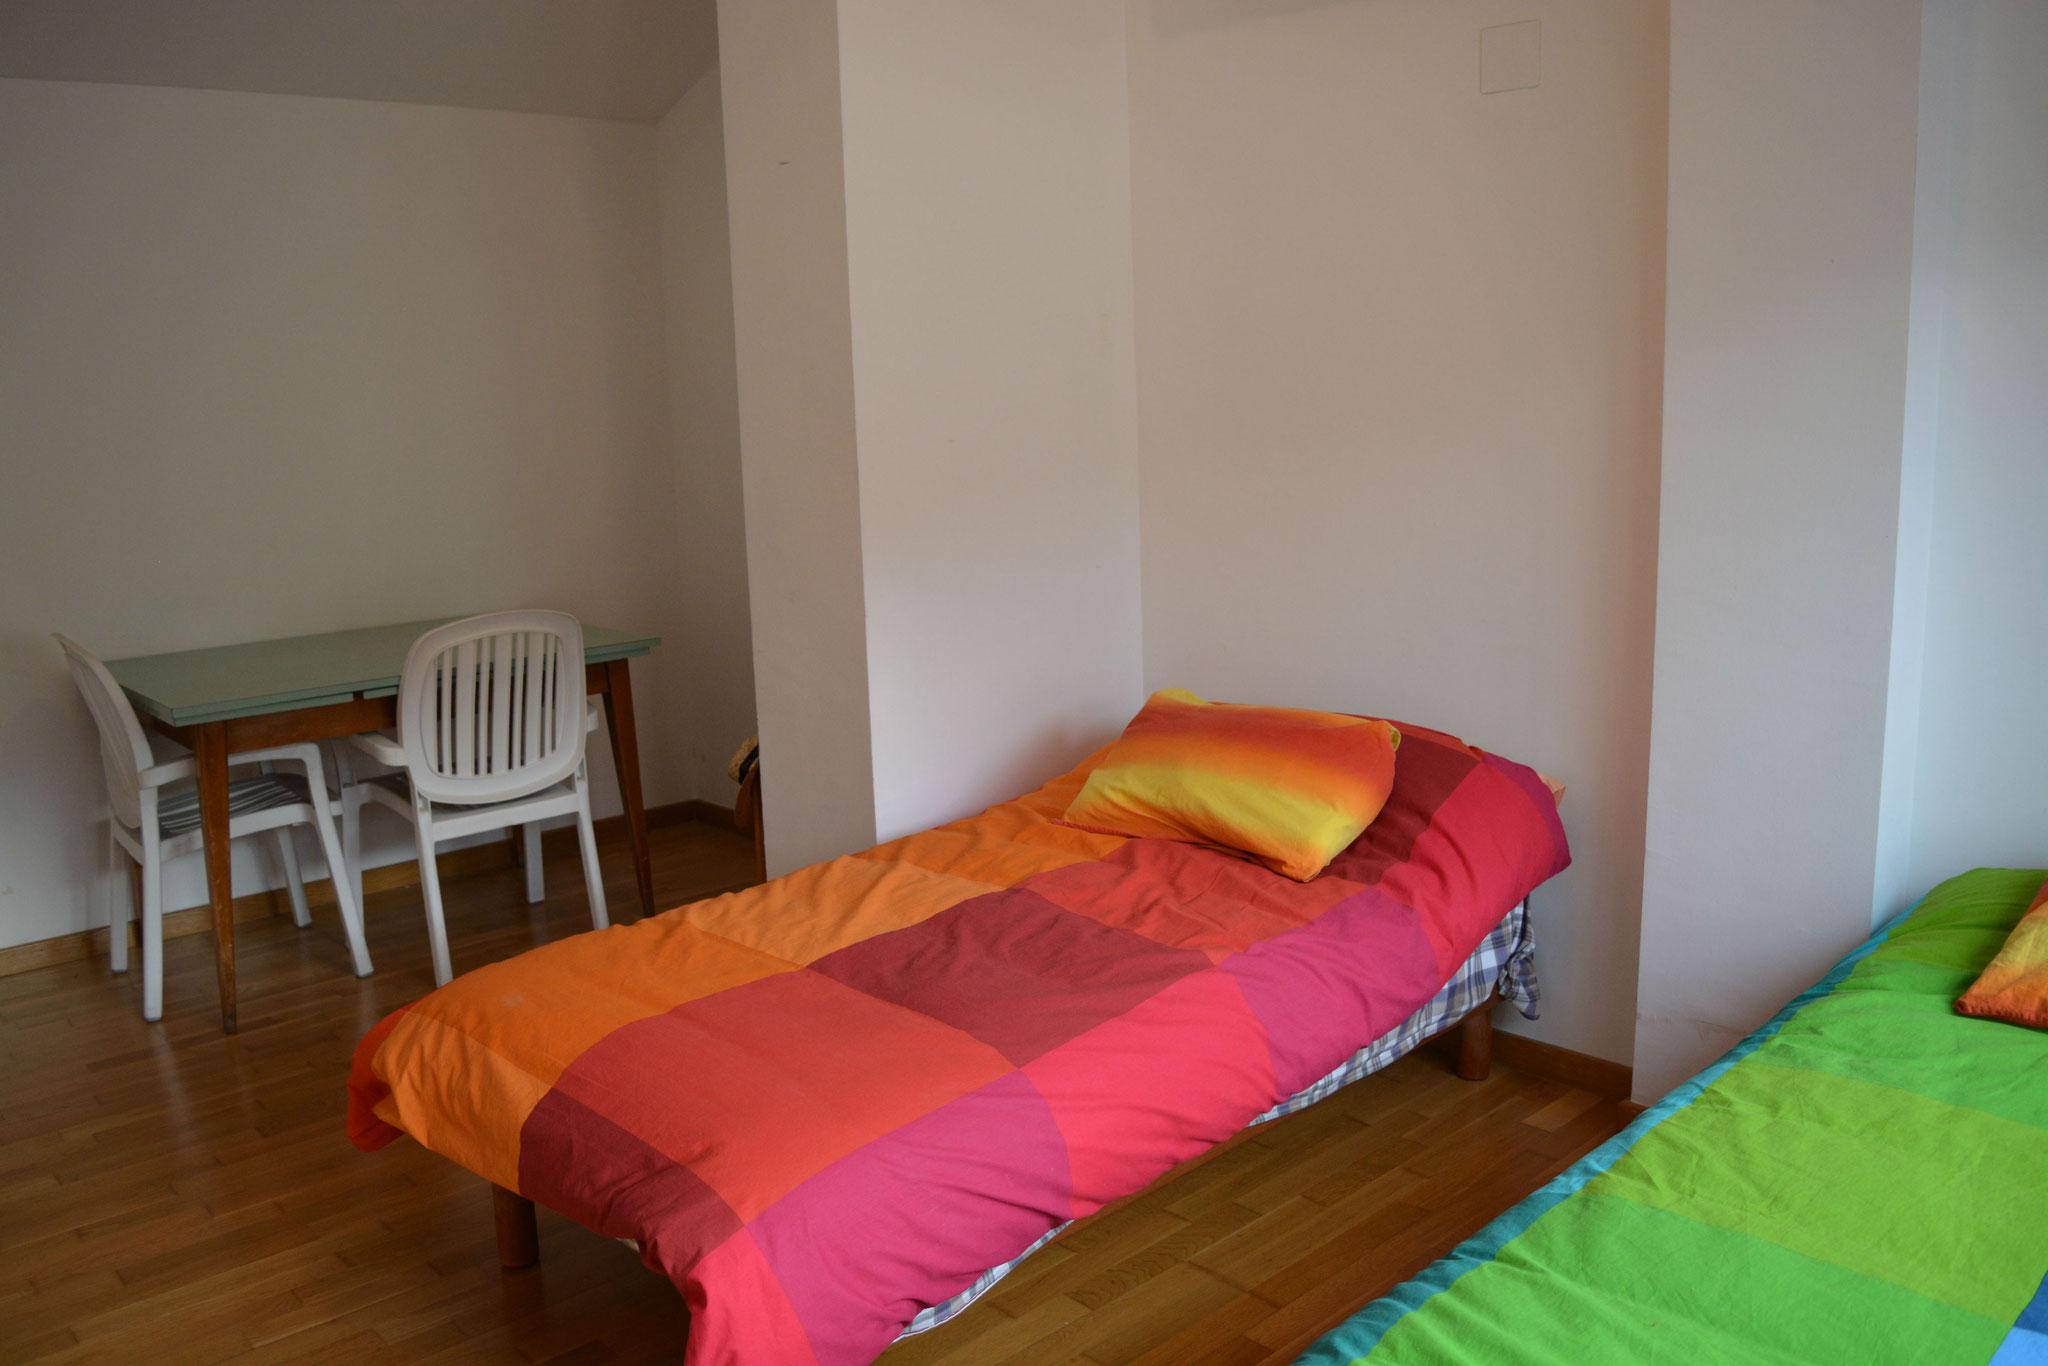 dos camas del estudio